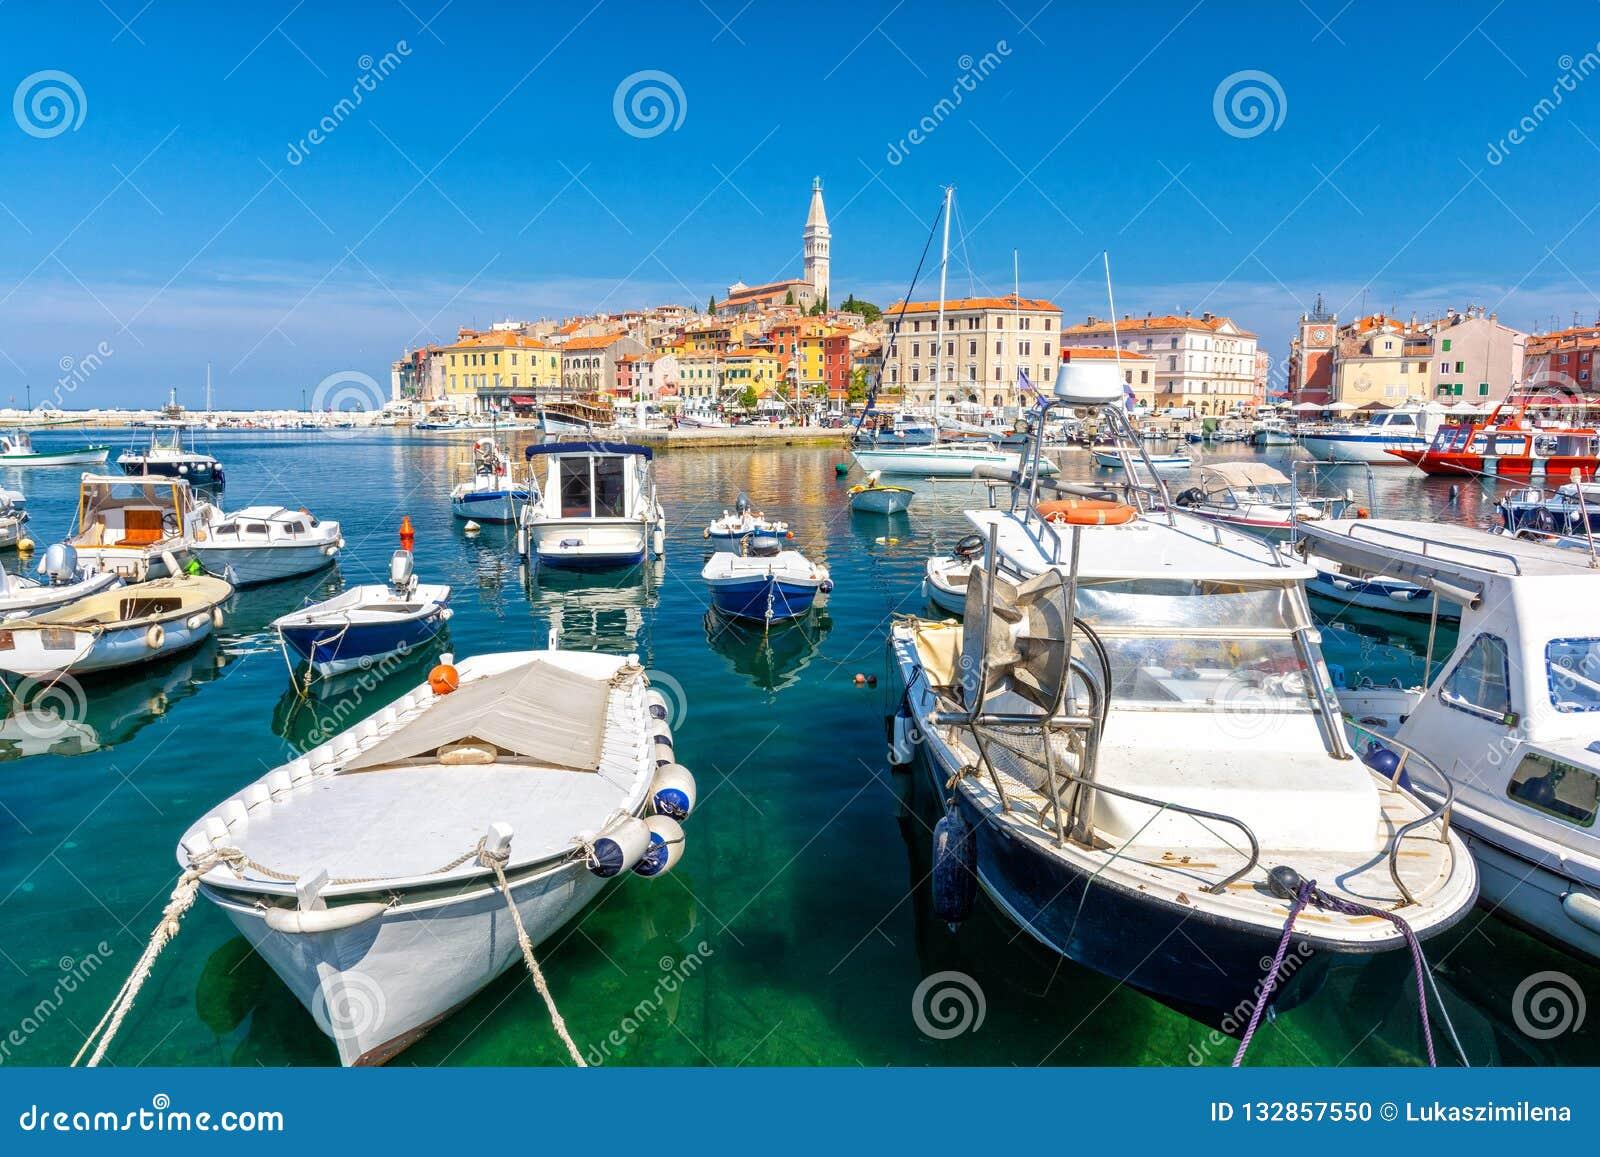 在罗维尼五颜六色的港的看法,伊斯特拉半岛地区,克罗地亚